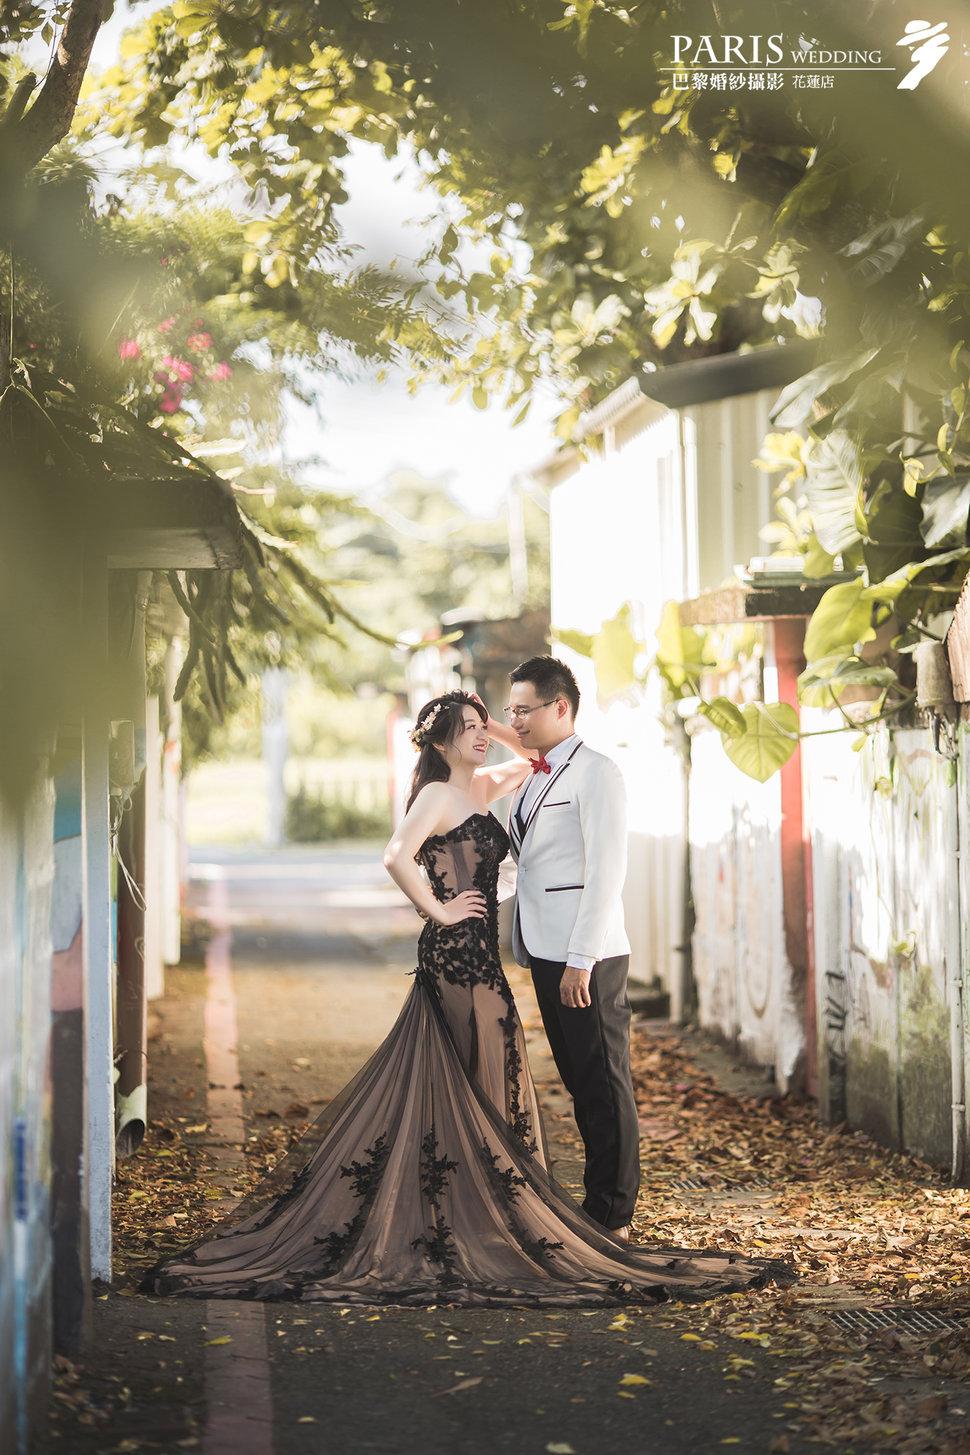 jacky-0160 拷貝 - 花蓮巴黎婚紗攝影《結婚吧》